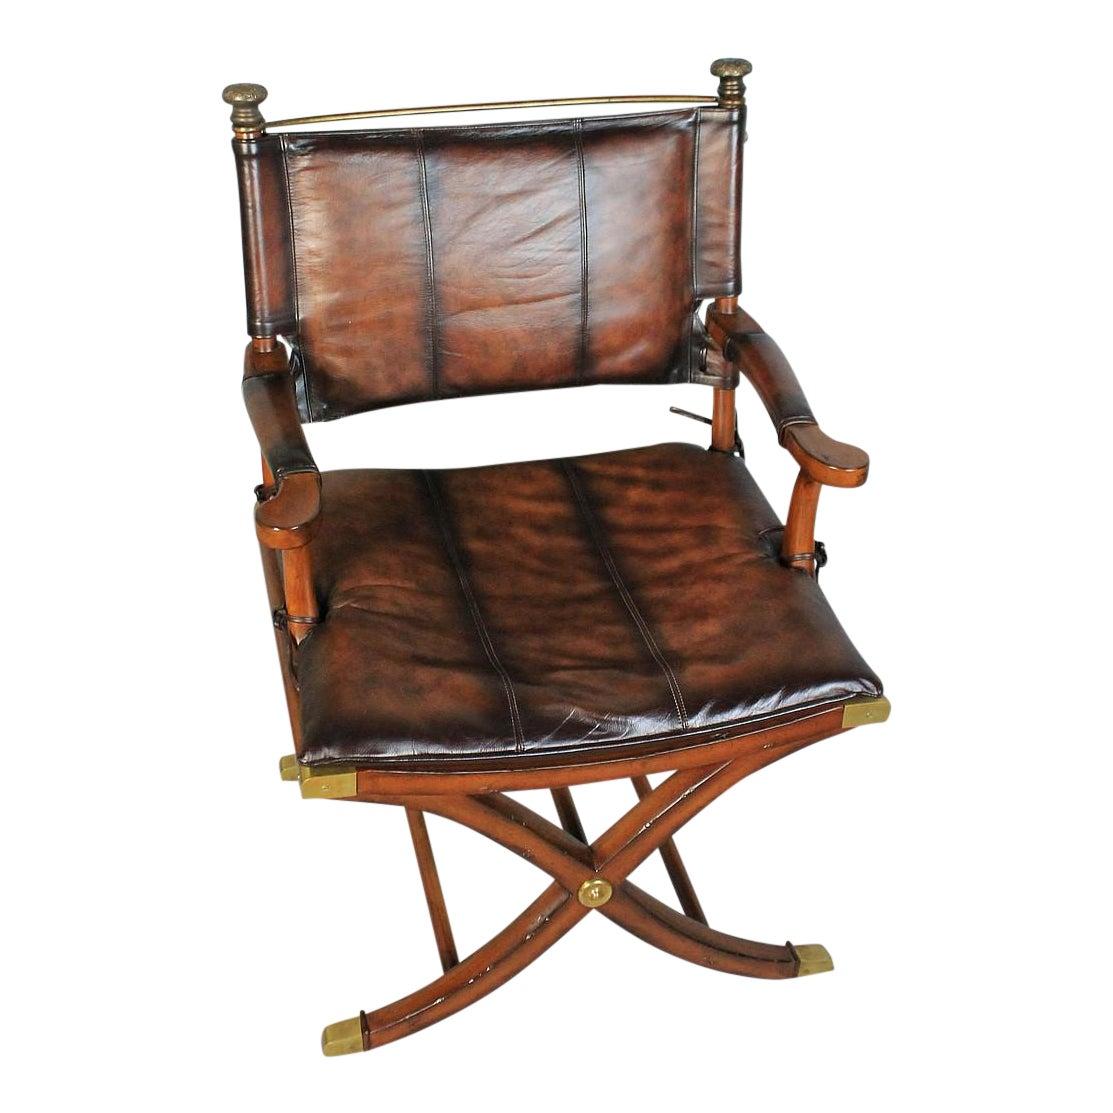 Super Hemingway Safari Chair Unemploymentrelief Wooden Chair Designs For Living Room Unemploymentrelieforg